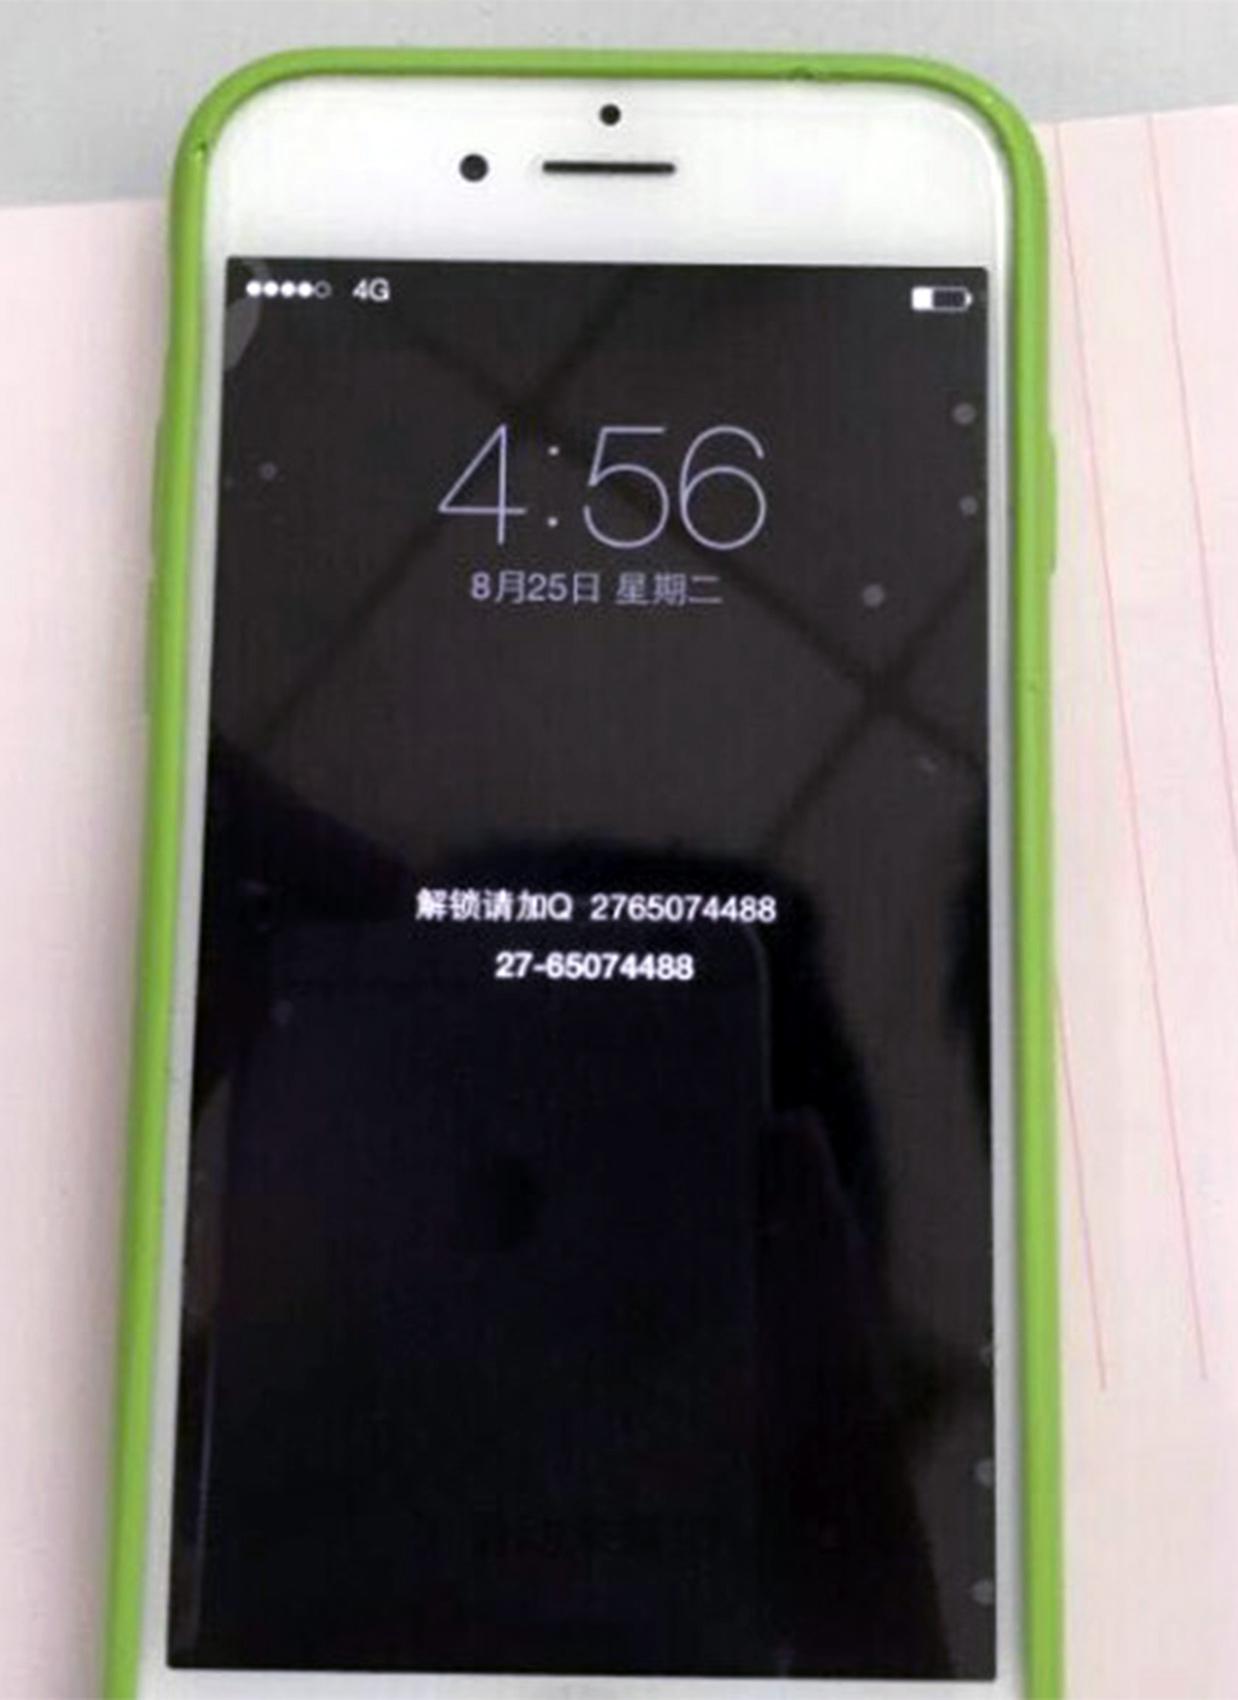 iPhone com jailbreak sequestrado